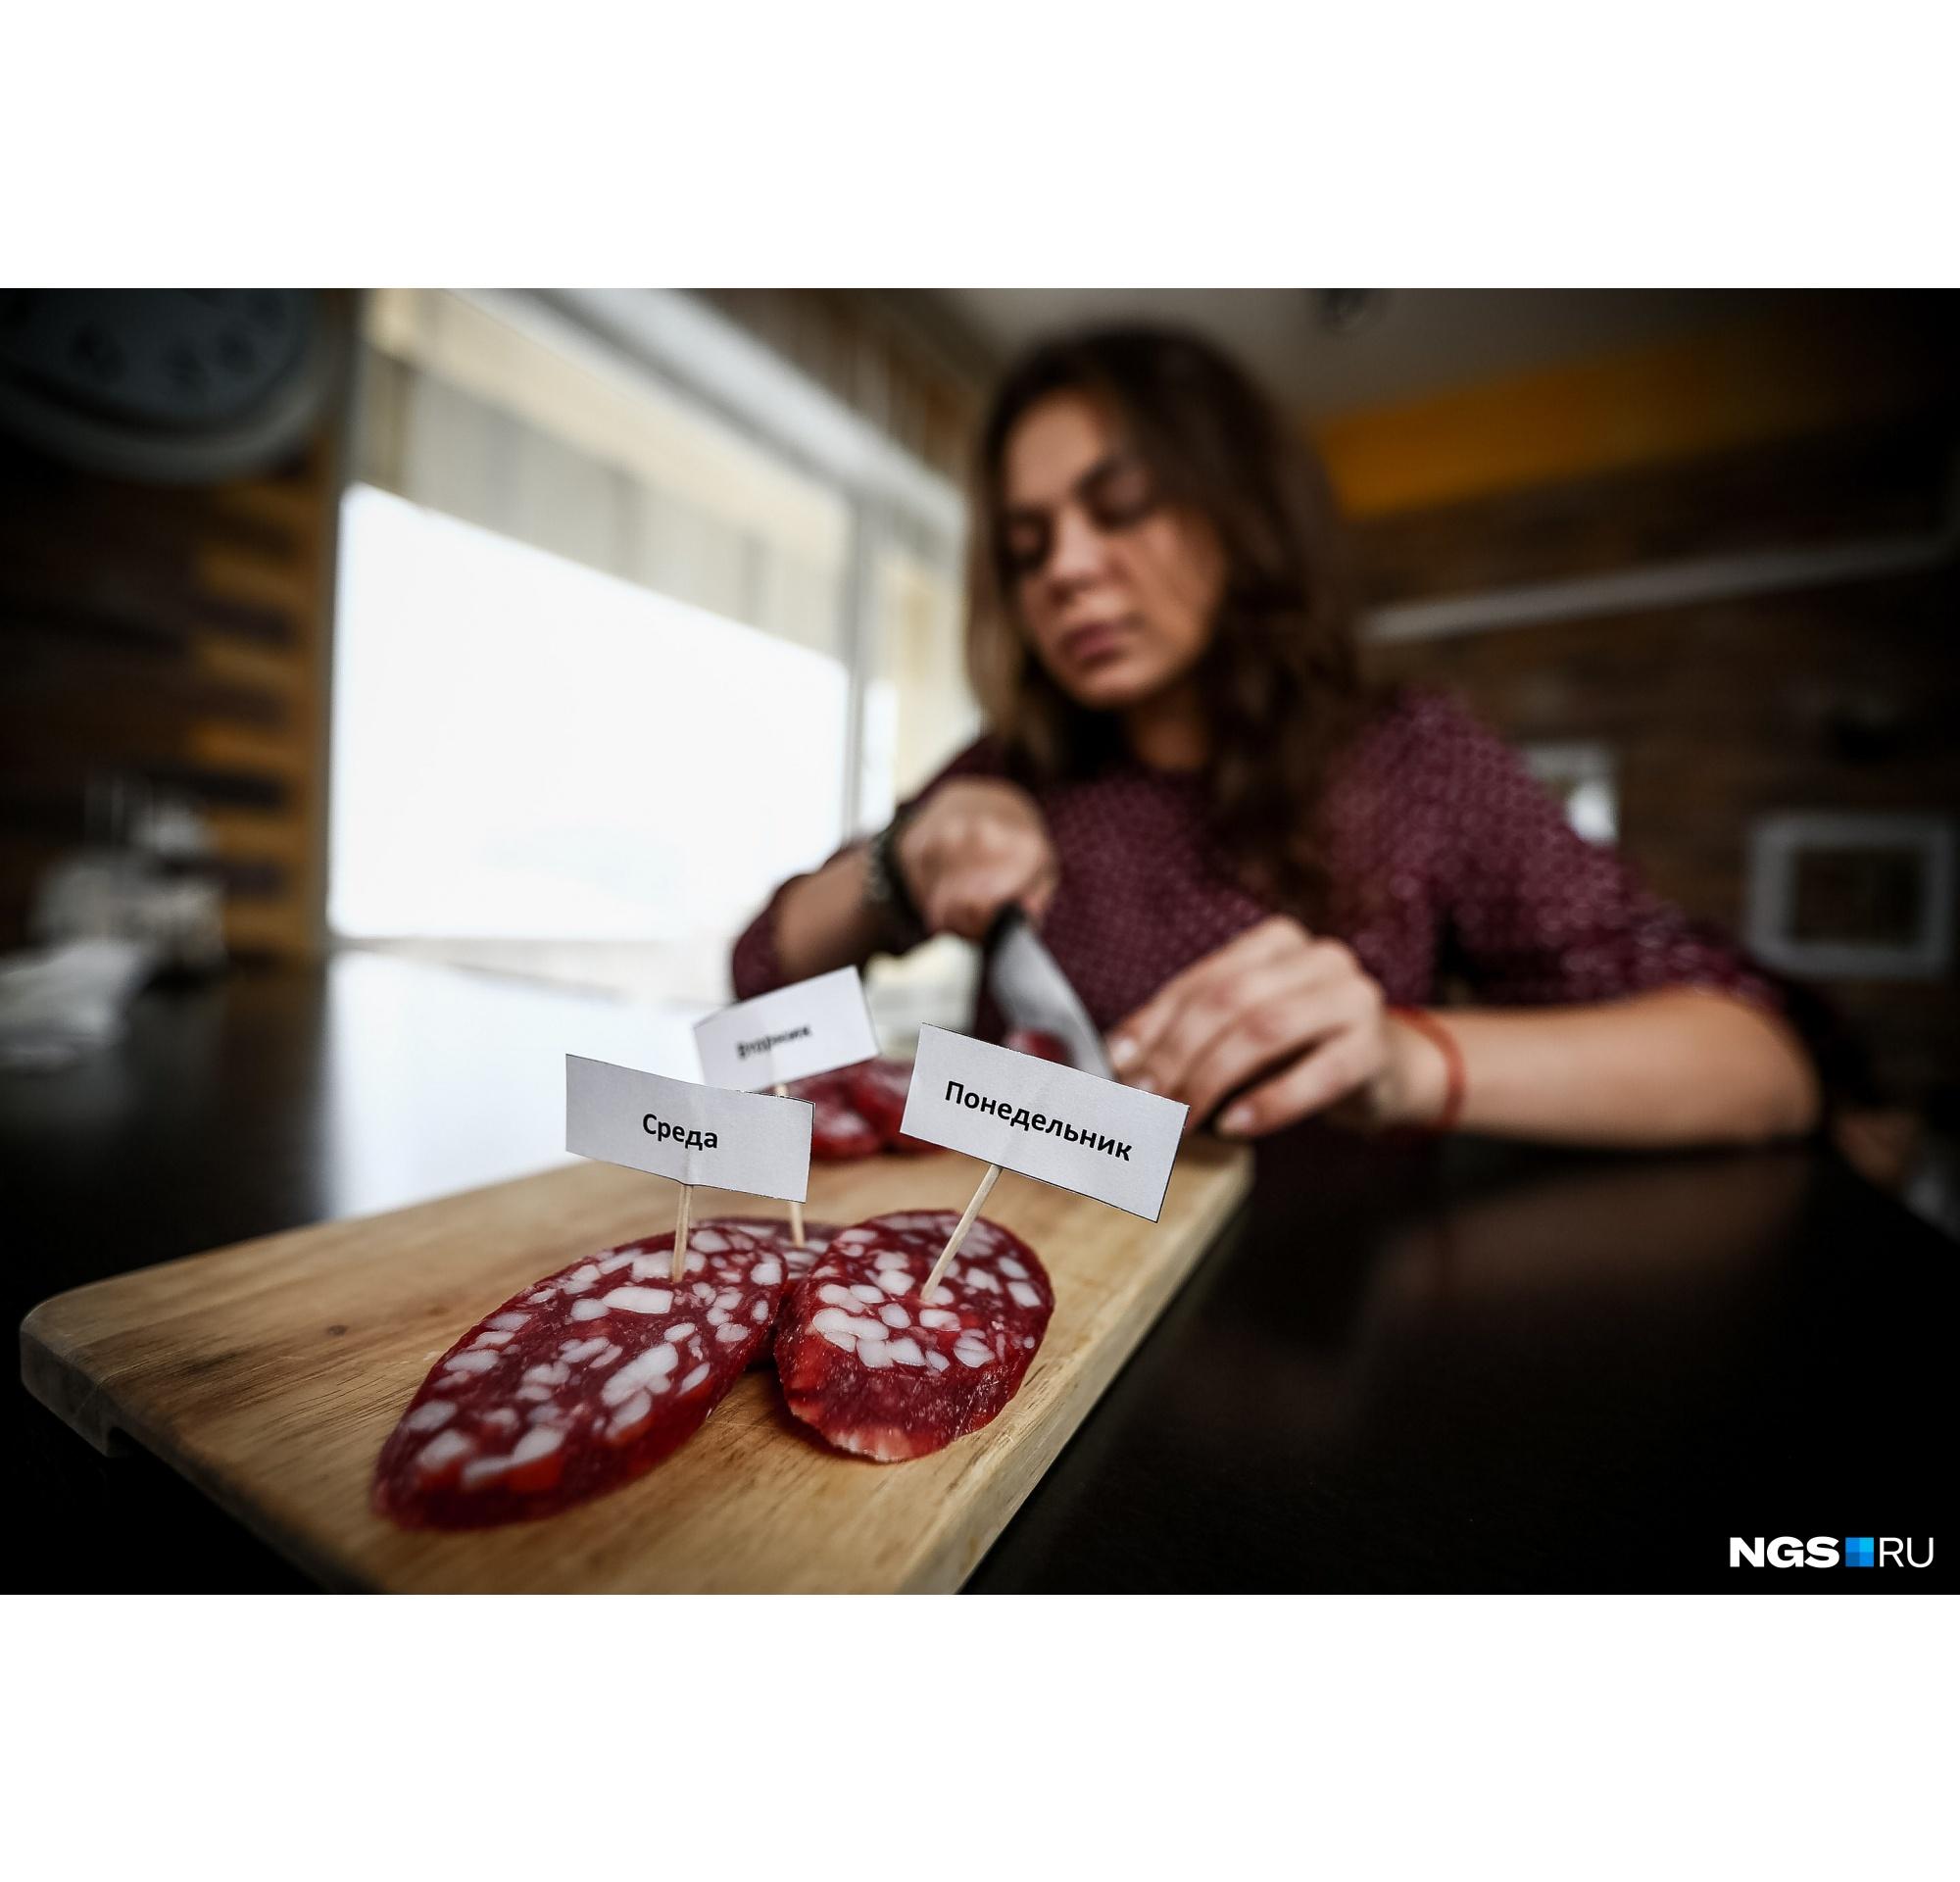 Представители рынка не согласны к приравниванию колбасных изделий к алкоголю и табаку